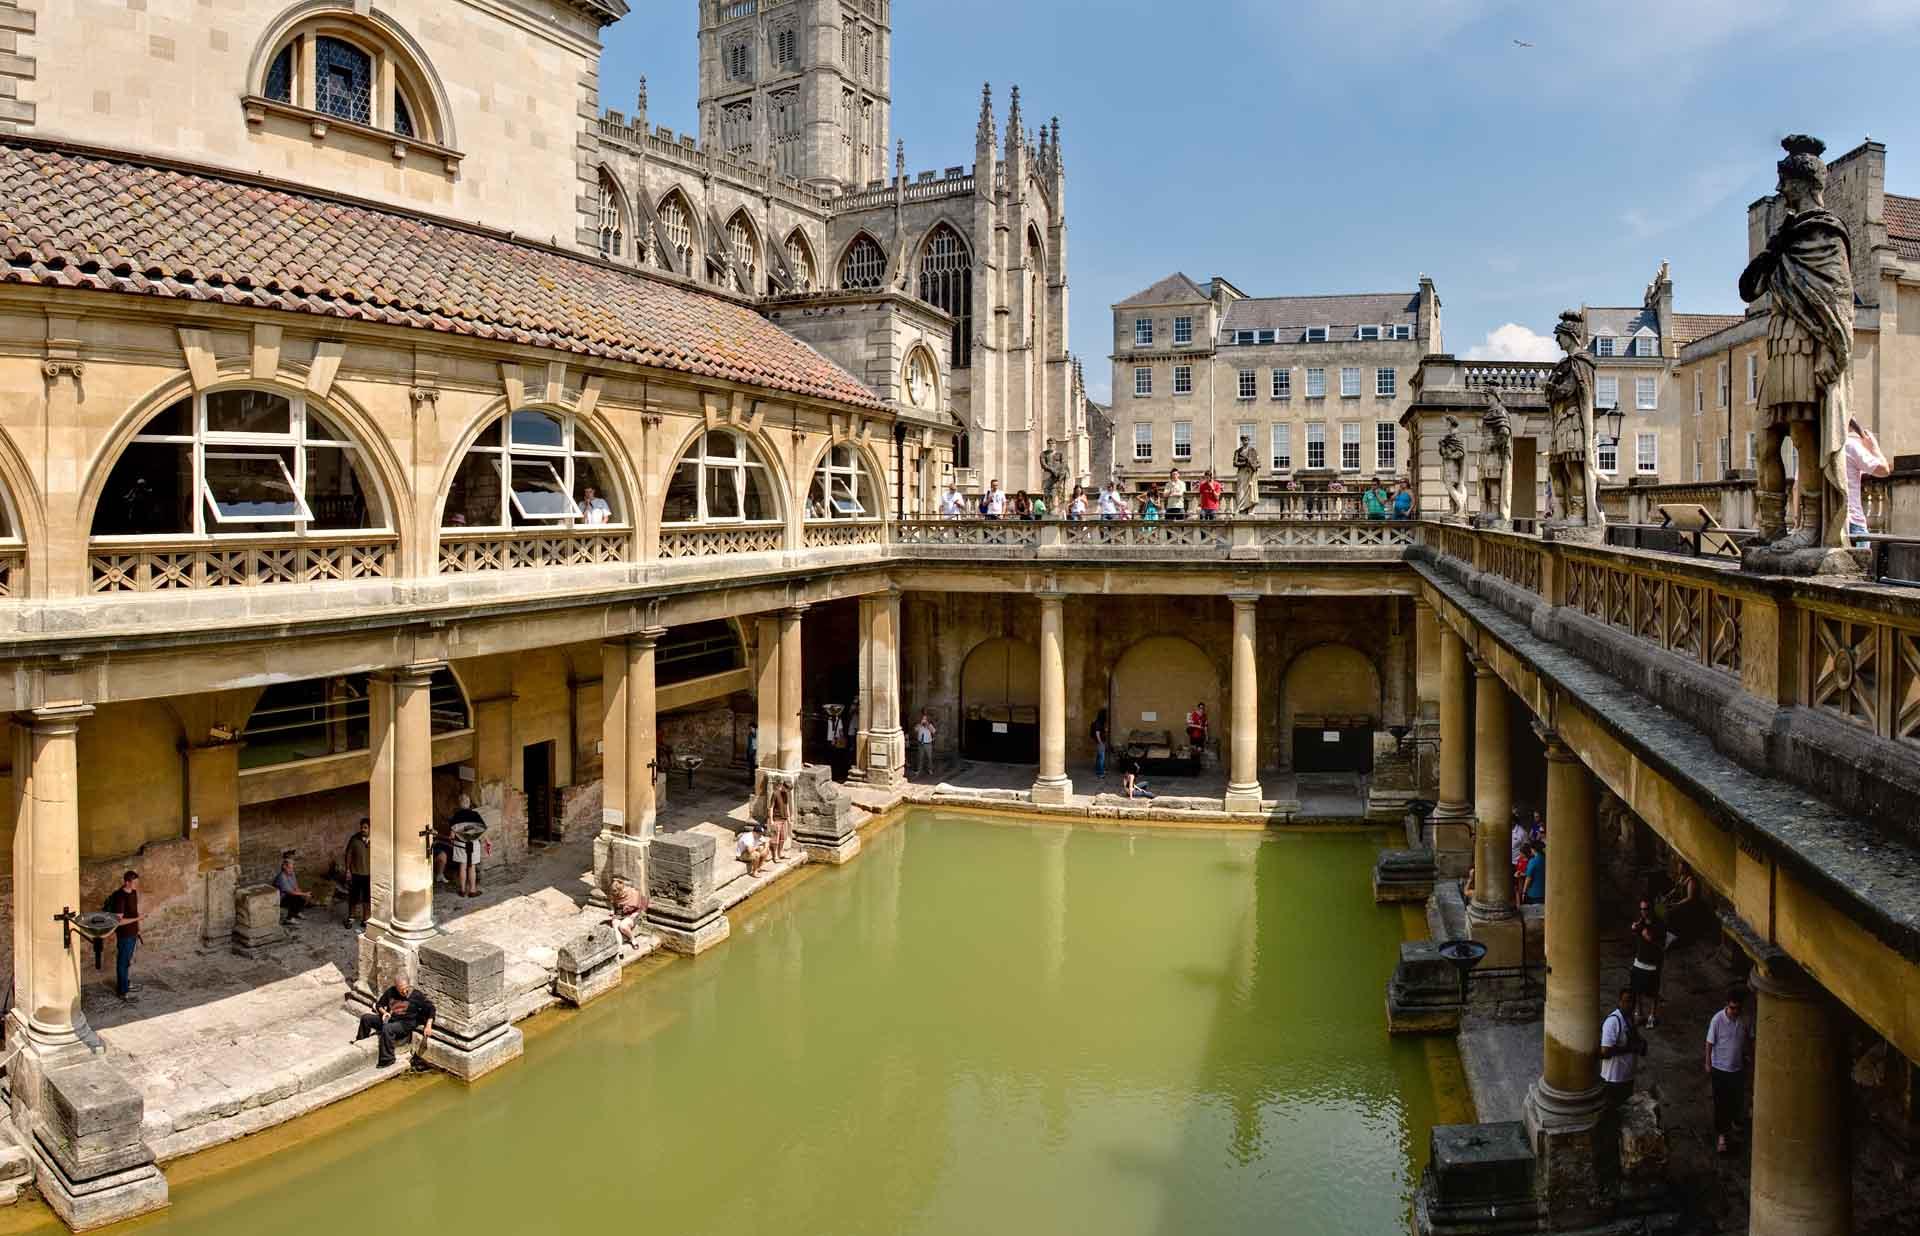 位於英國西南部的巴斯自古為溫泉度假區,巴斯修道院旁的羅馬浴池博物館名列世界遺產。(Photo by DAVID ILIFF. License: CC-BY-SA 3.0)